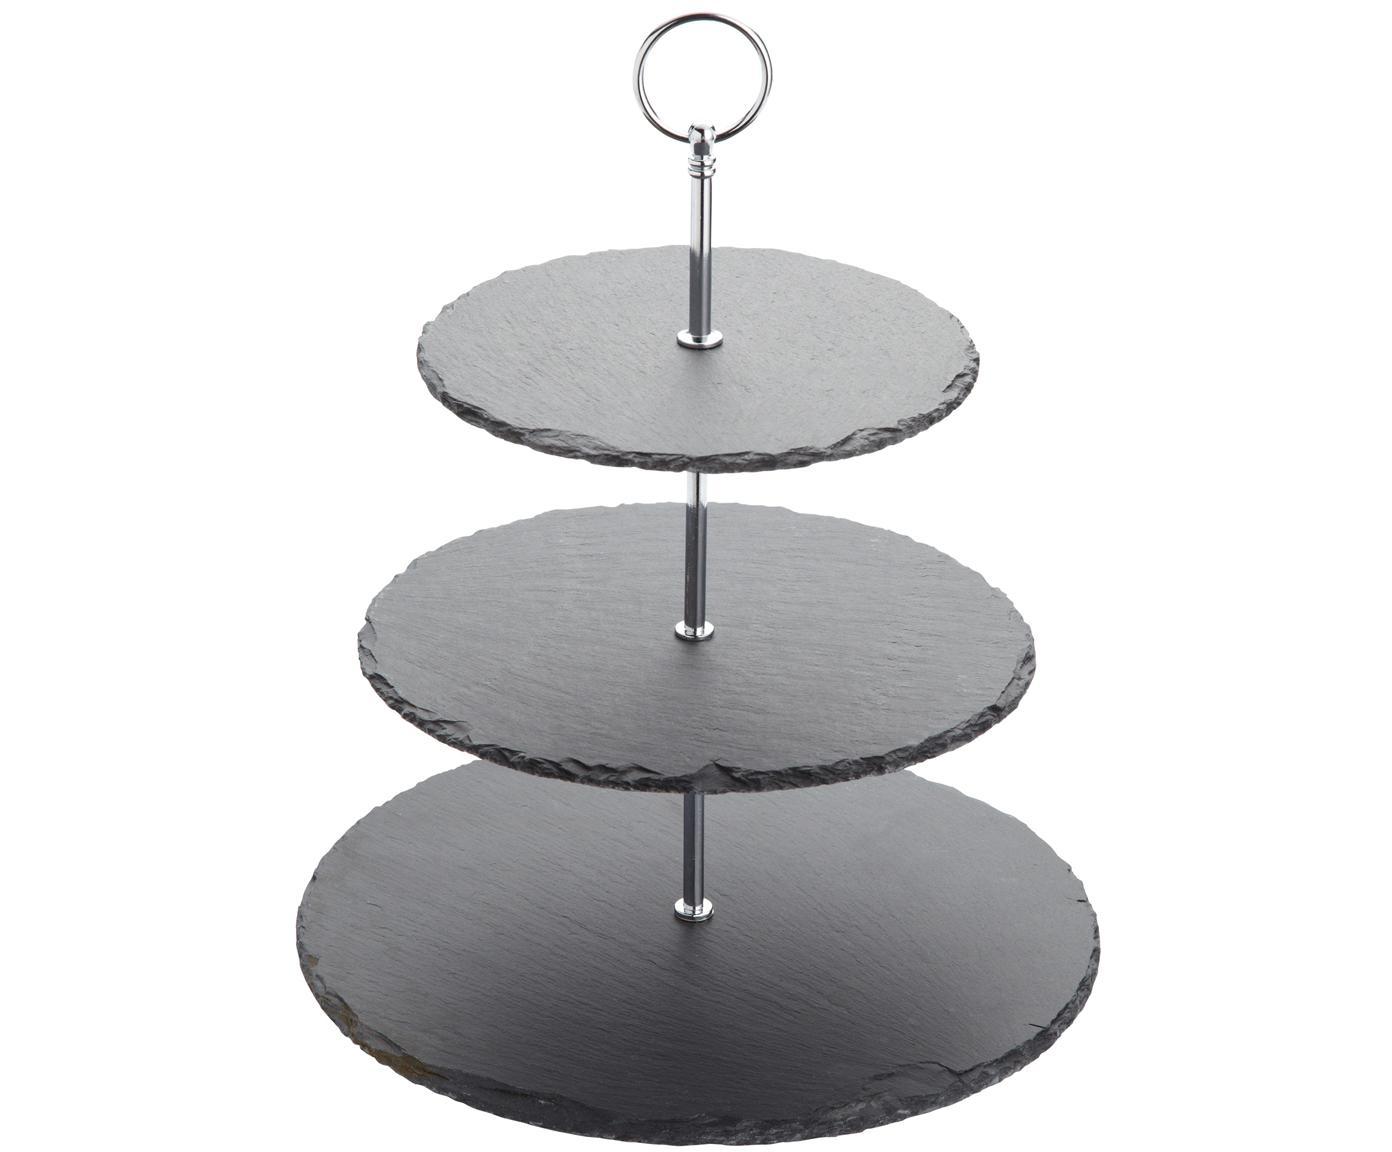 Etażerka Cooper, Stelaż: metal chromowany, Czarny, chrom, Ø 30 x W 31 cm